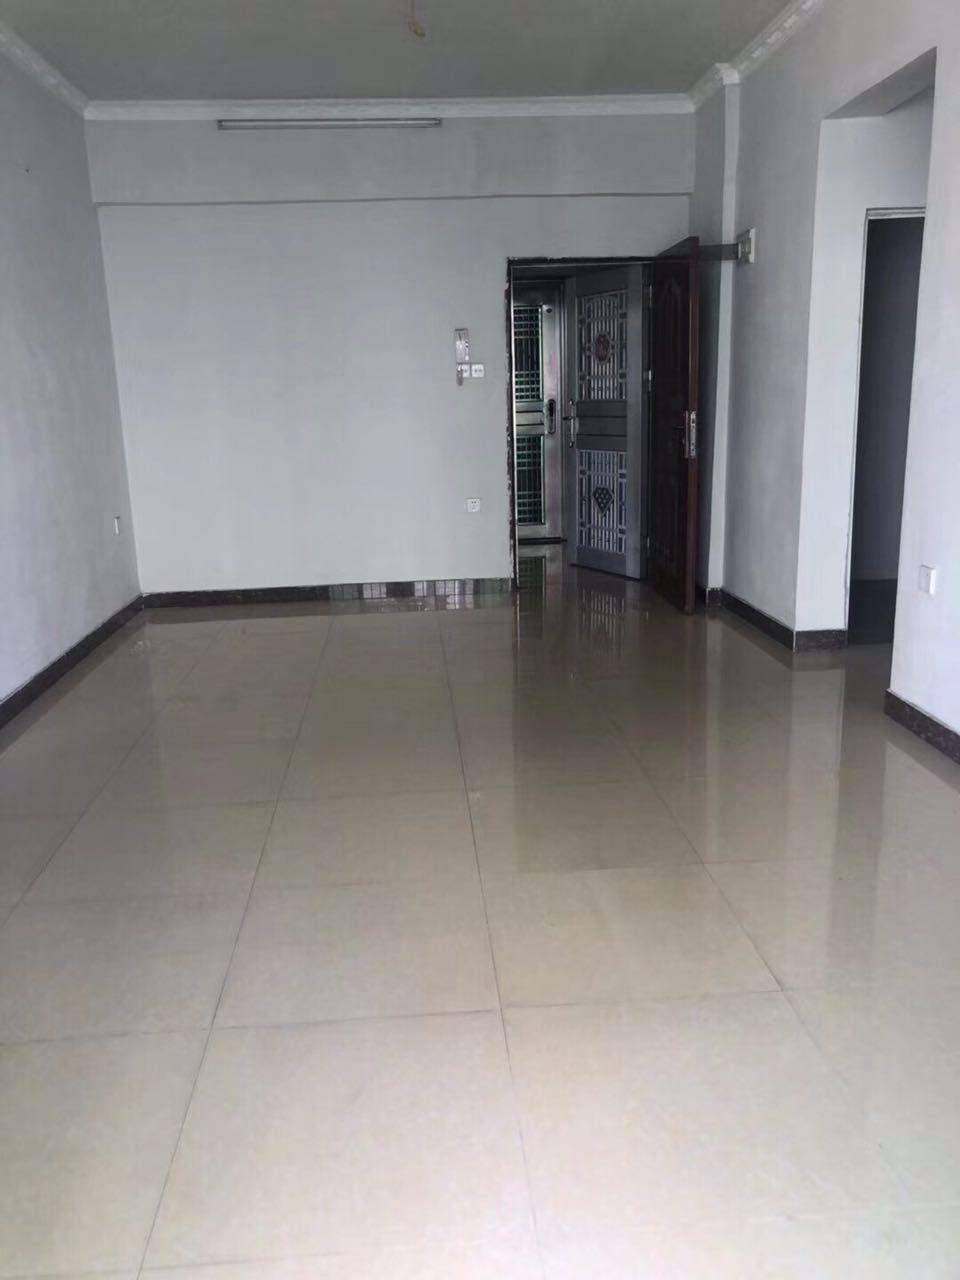 公明合水口地铁站小产权房